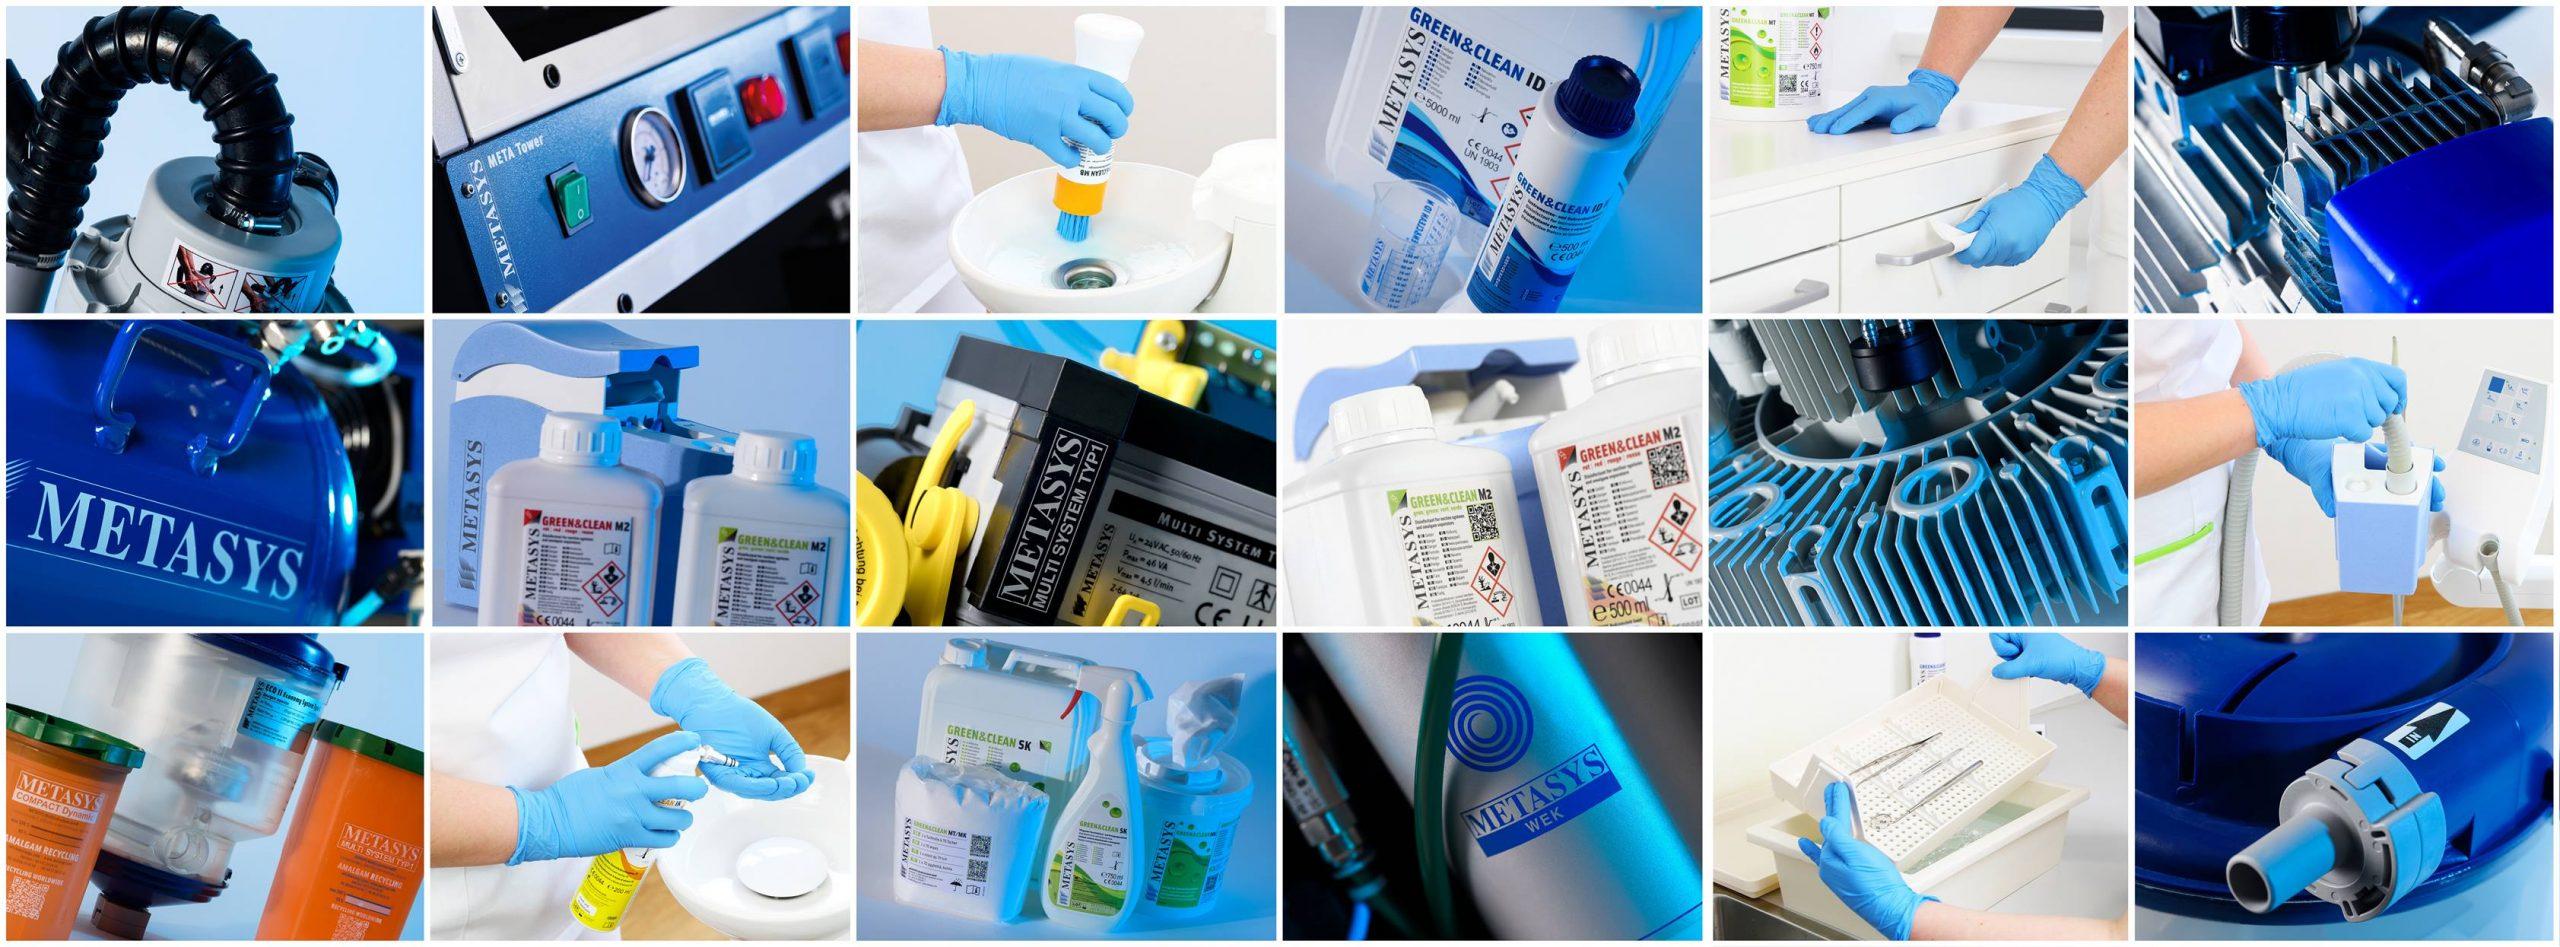 METASYS produkty